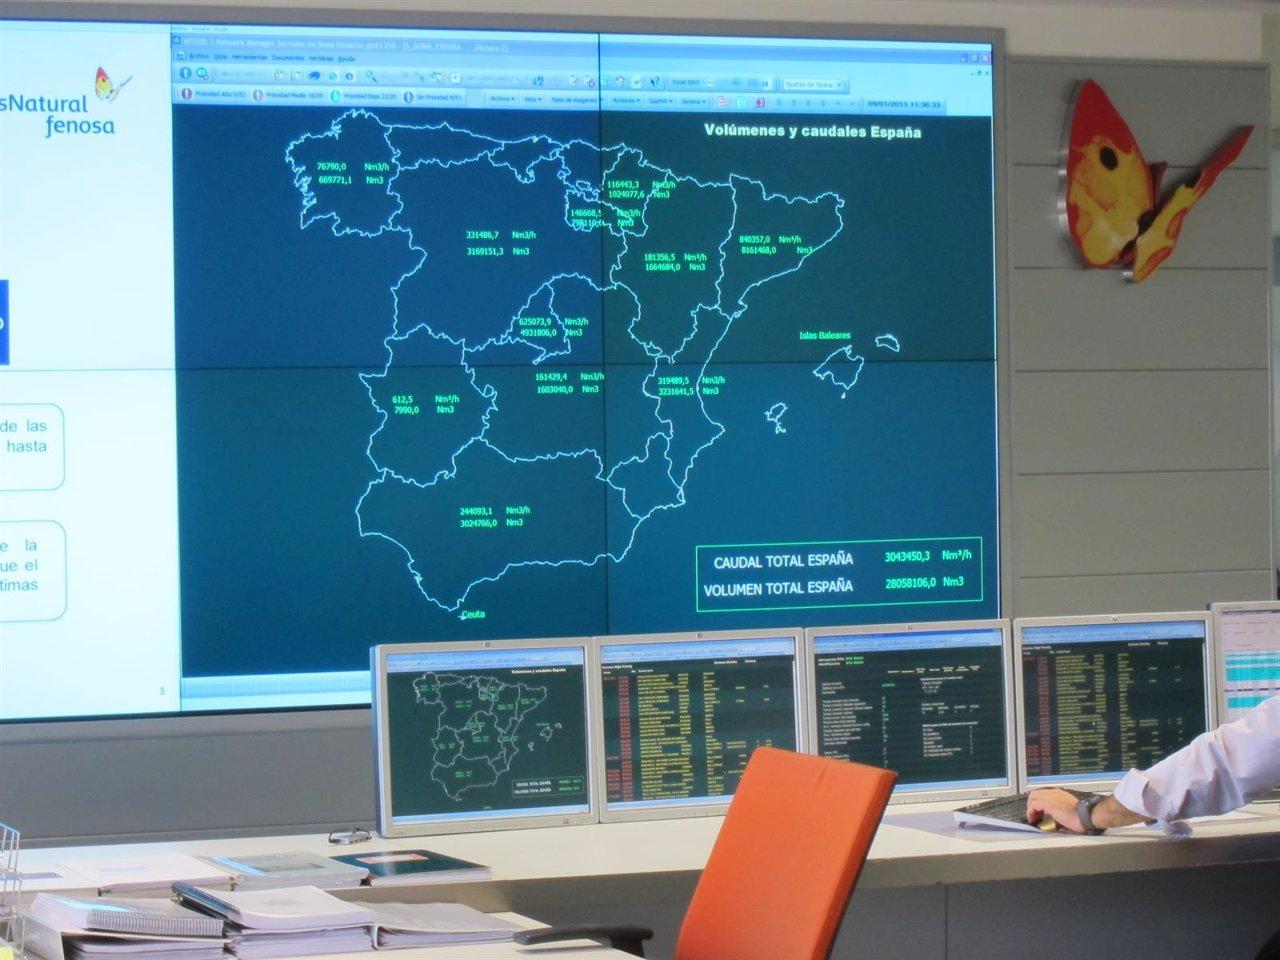 Centro de control de gas natural fenosa for Gas natural servicios